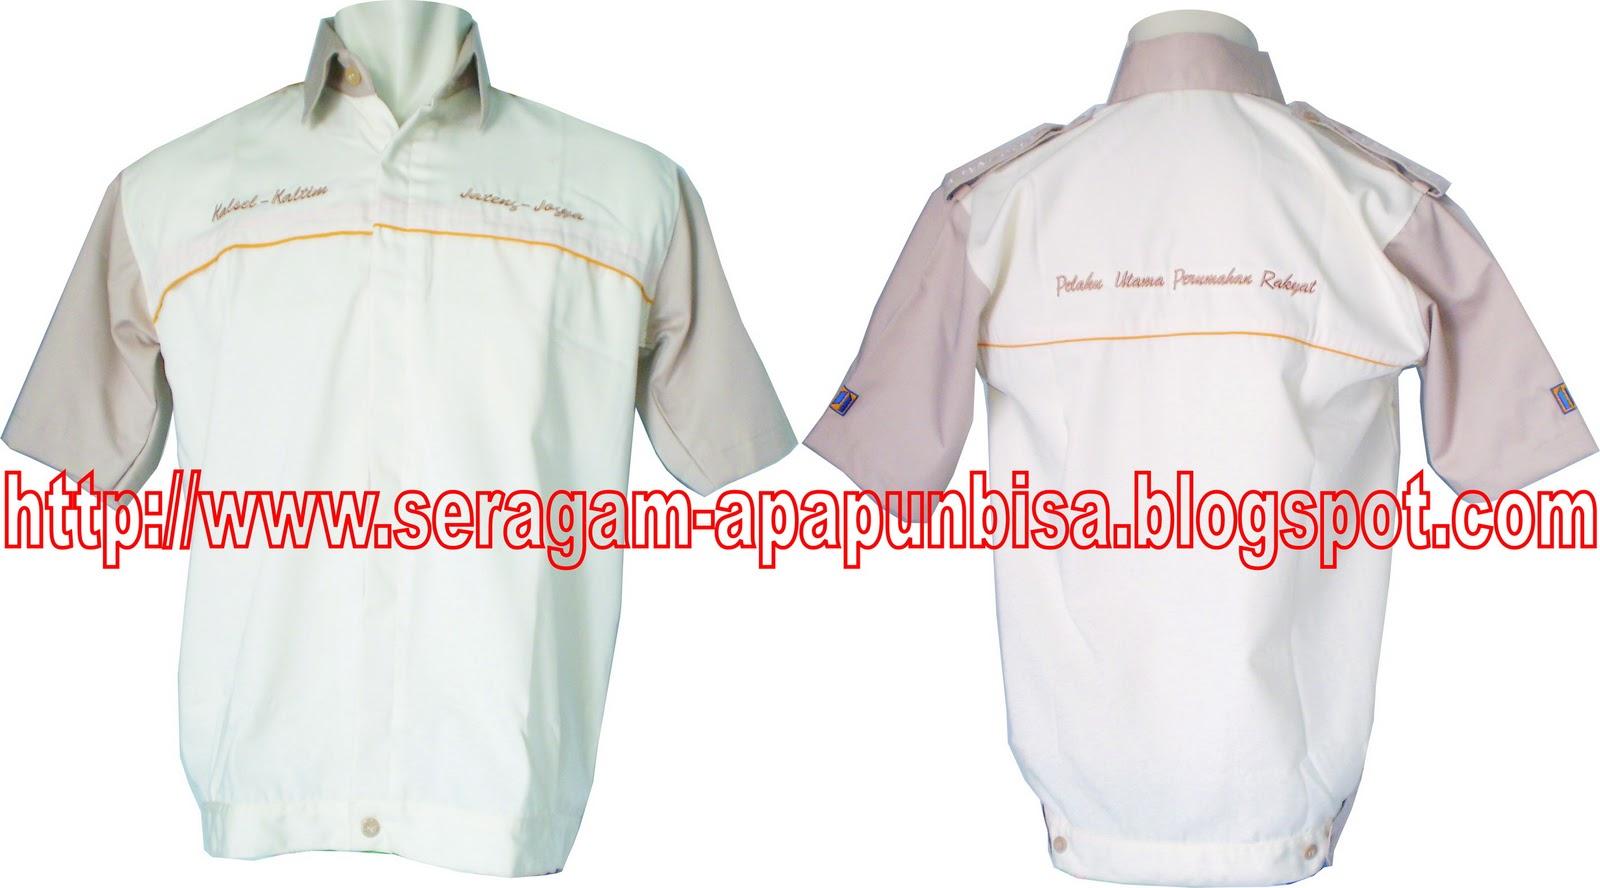 SERAGAM APAPUN BISA Seragam Uniform